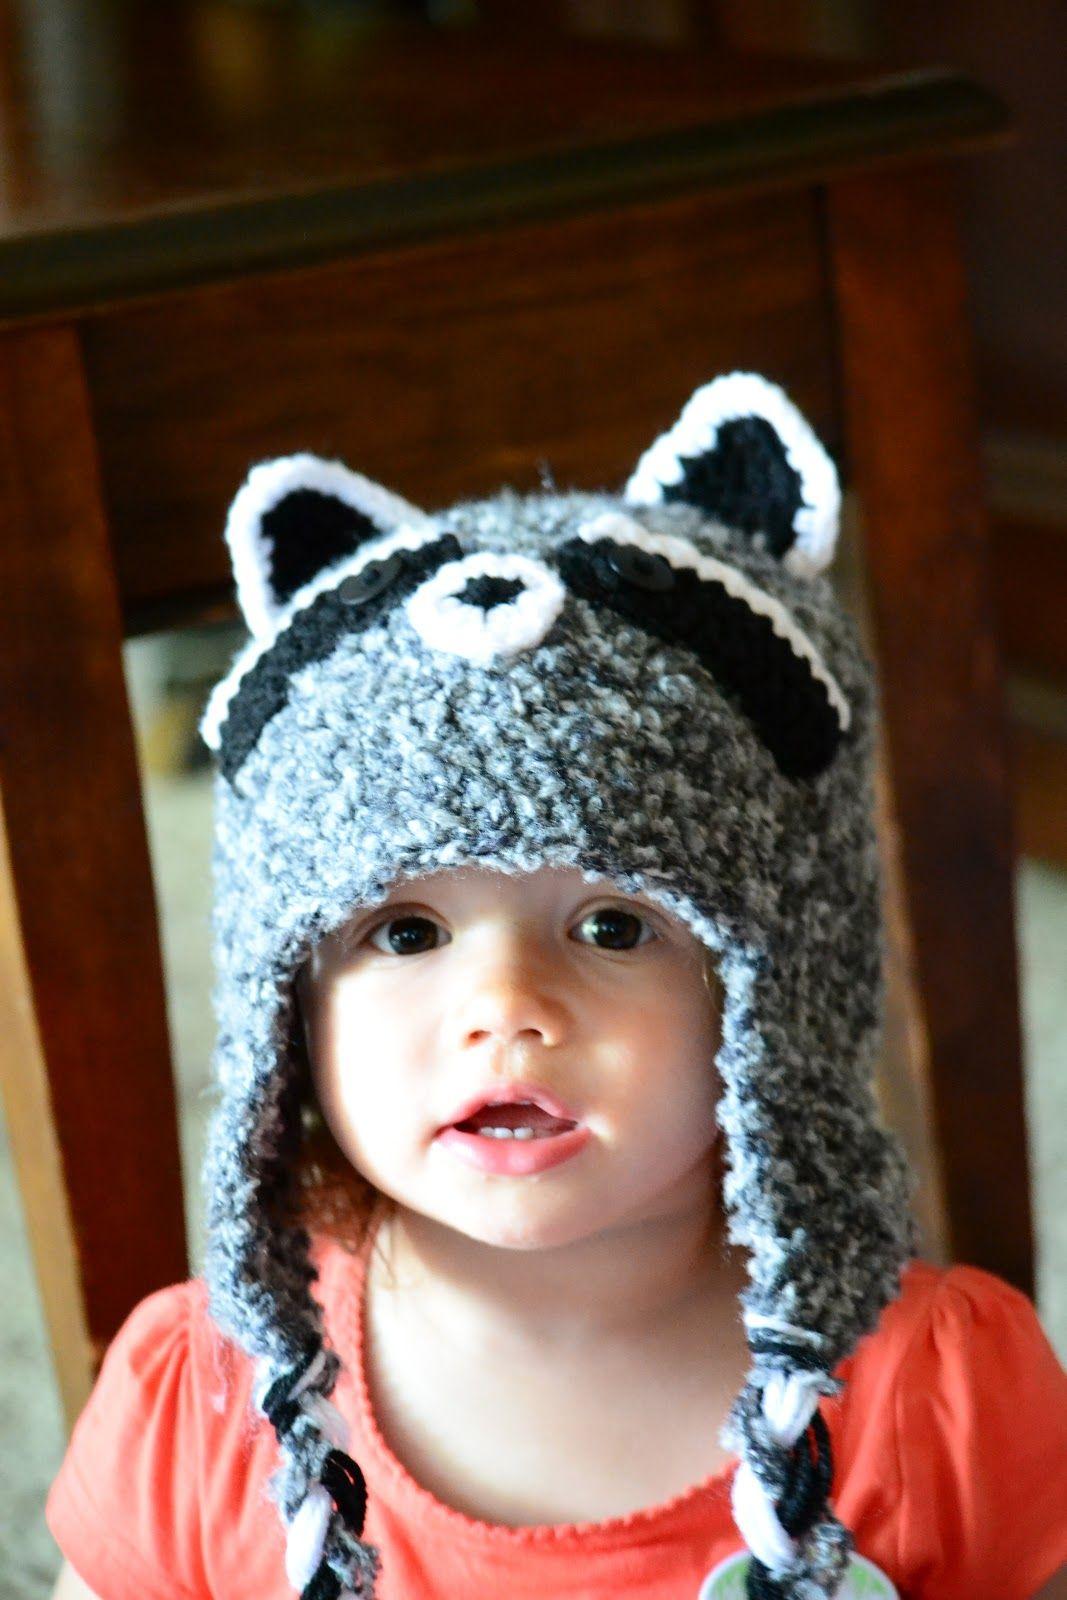 Knotty Knotty Crochet: Raccoon hat free pattern | Crochet baby ...